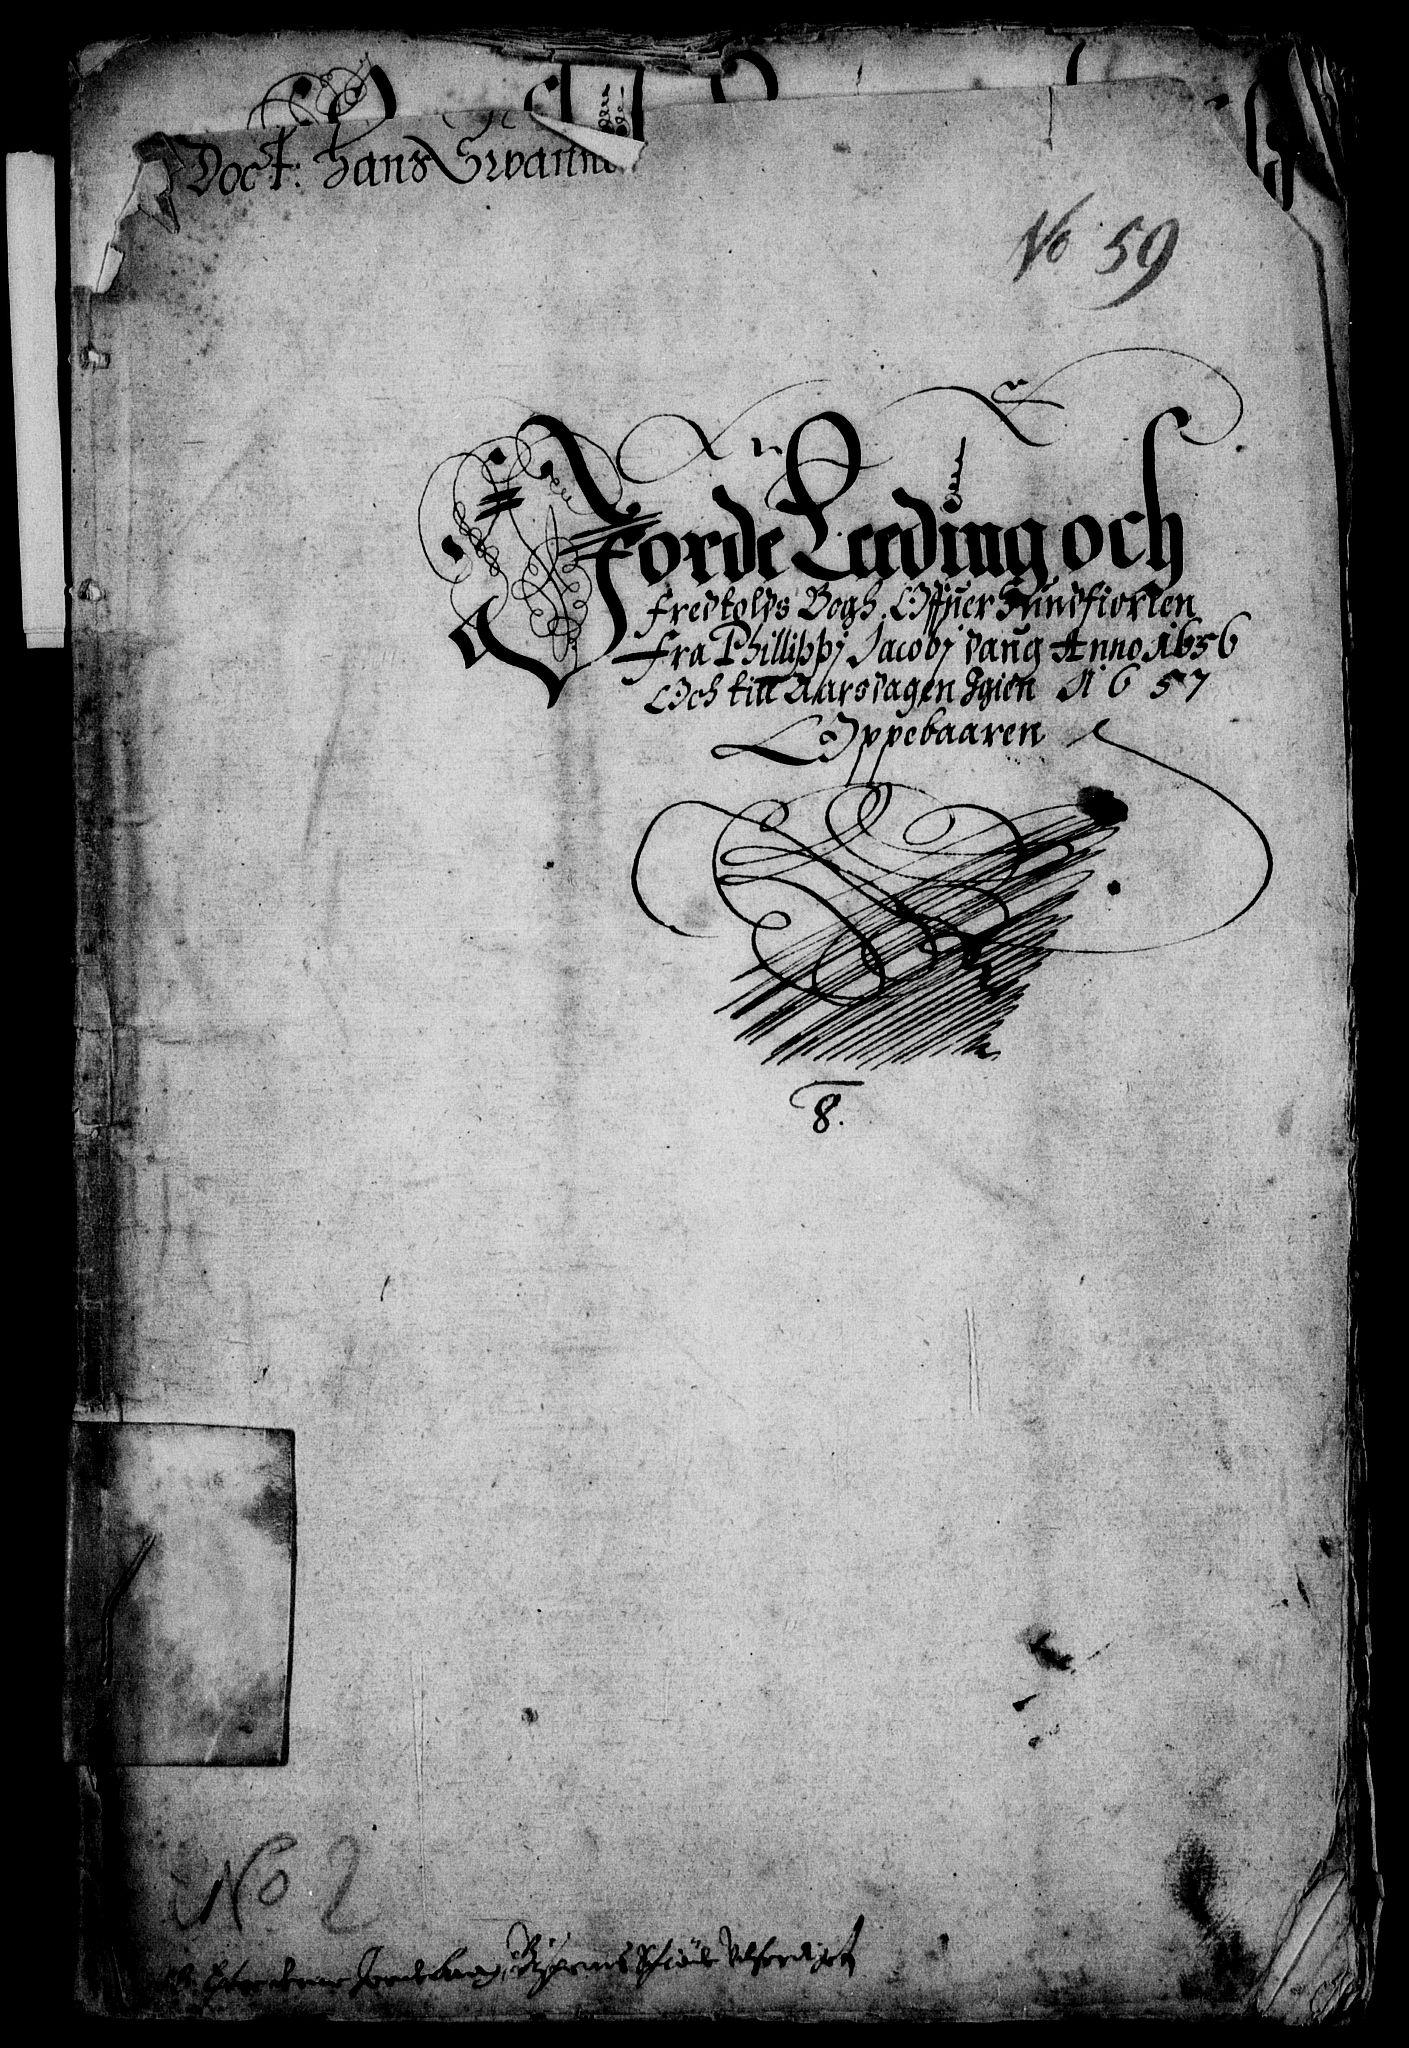 RA, Rentekammeret inntil 1814, Realistisk ordnet avdeling, On/L0008: [Jj 9]: Jordebøker innlevert til kongelig kommisjon 1672: Hammar, Osgård, Sem med Skjelbred, Fossesholm, Fiskum og Ulland (1669-1672), Strøm (1658-u.d. og 1672-73) samt Svanøy gods i Sunnfjord (1657)., 1672, s. 410